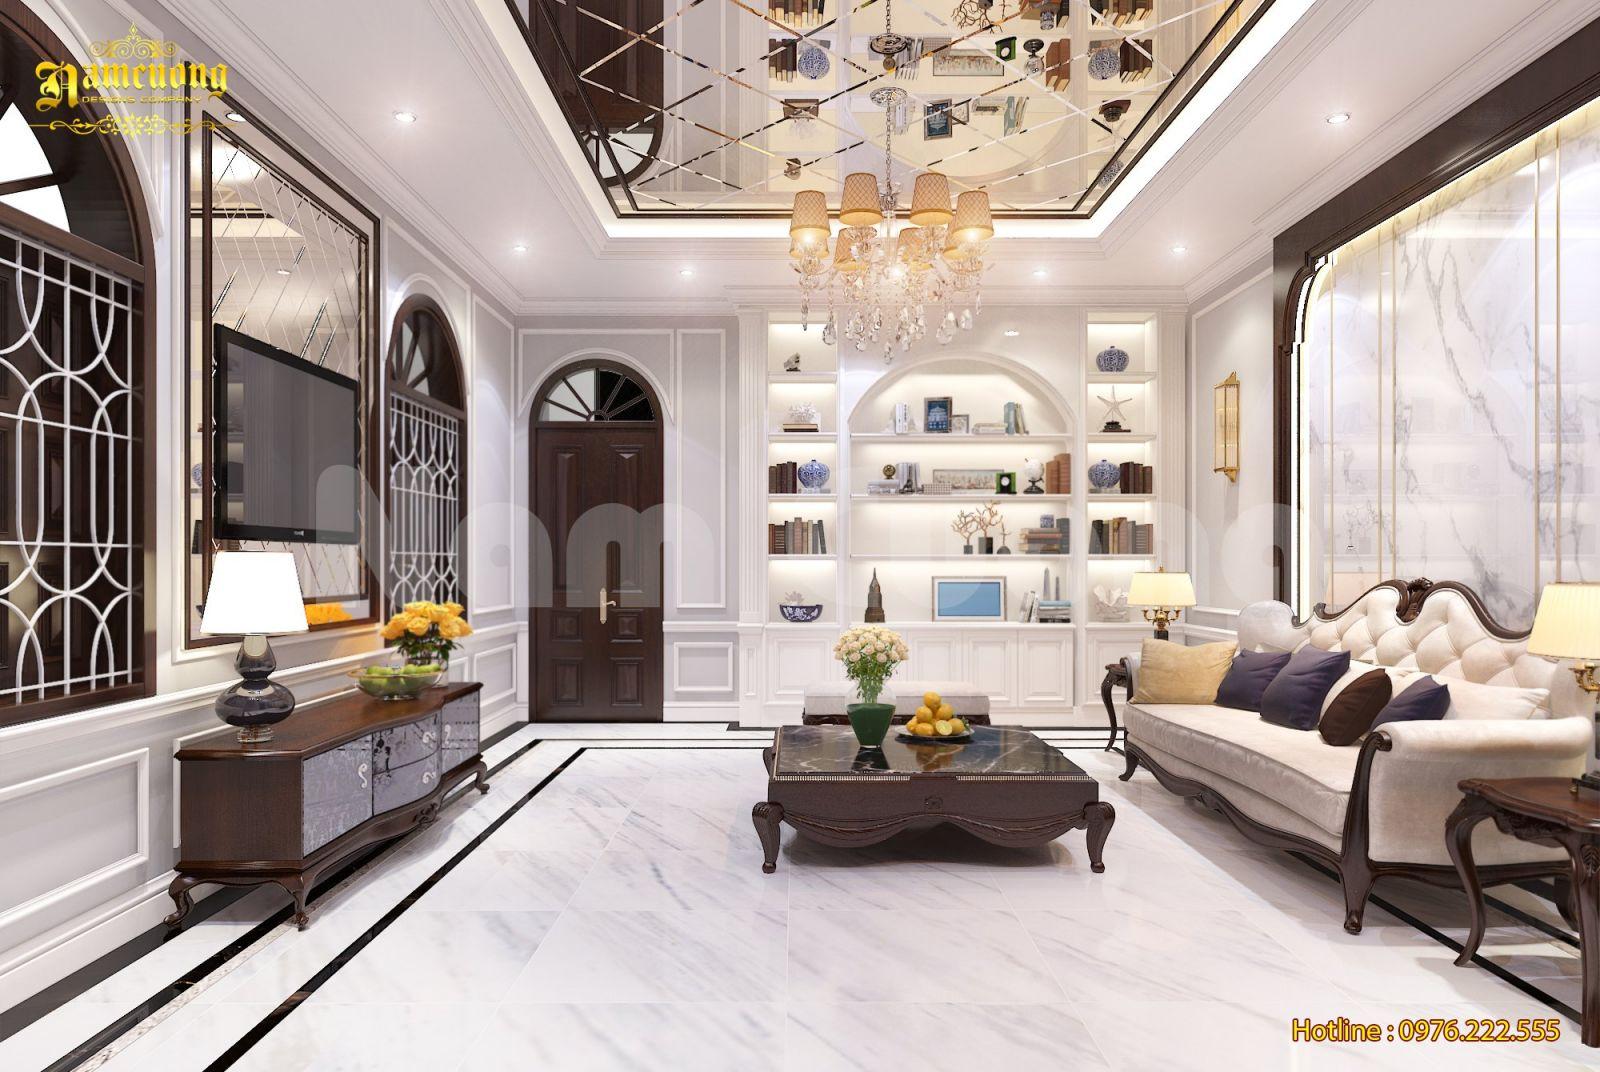 Thiết kế nhà đẹp có hệ thống ánh sáng hợp phong thủy